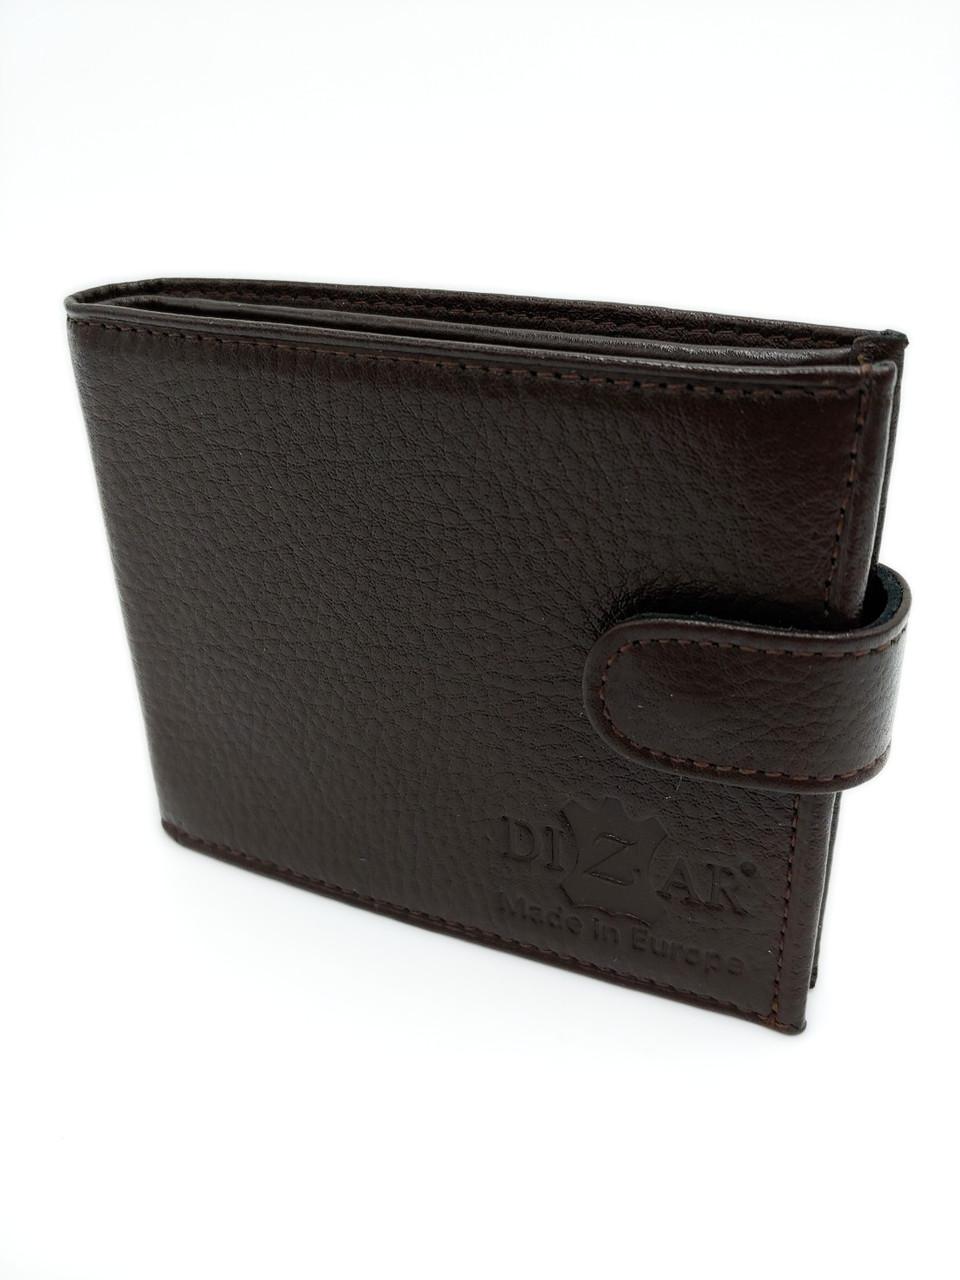 Портмоне мужское кожаный Dizar PRT1 коричневый